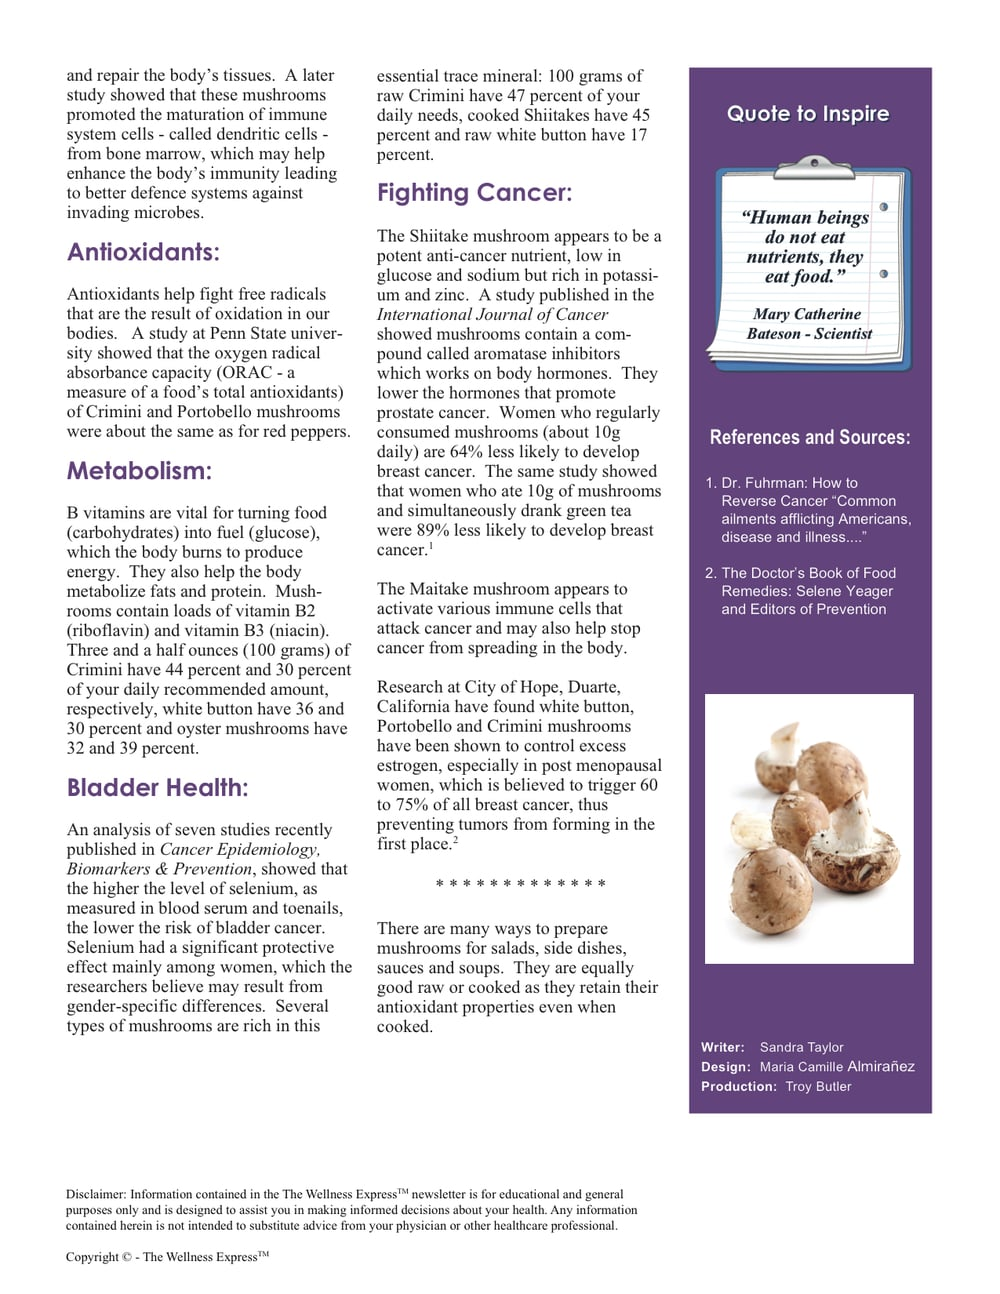 Weekly Newsletter: Healthy Mushrooms